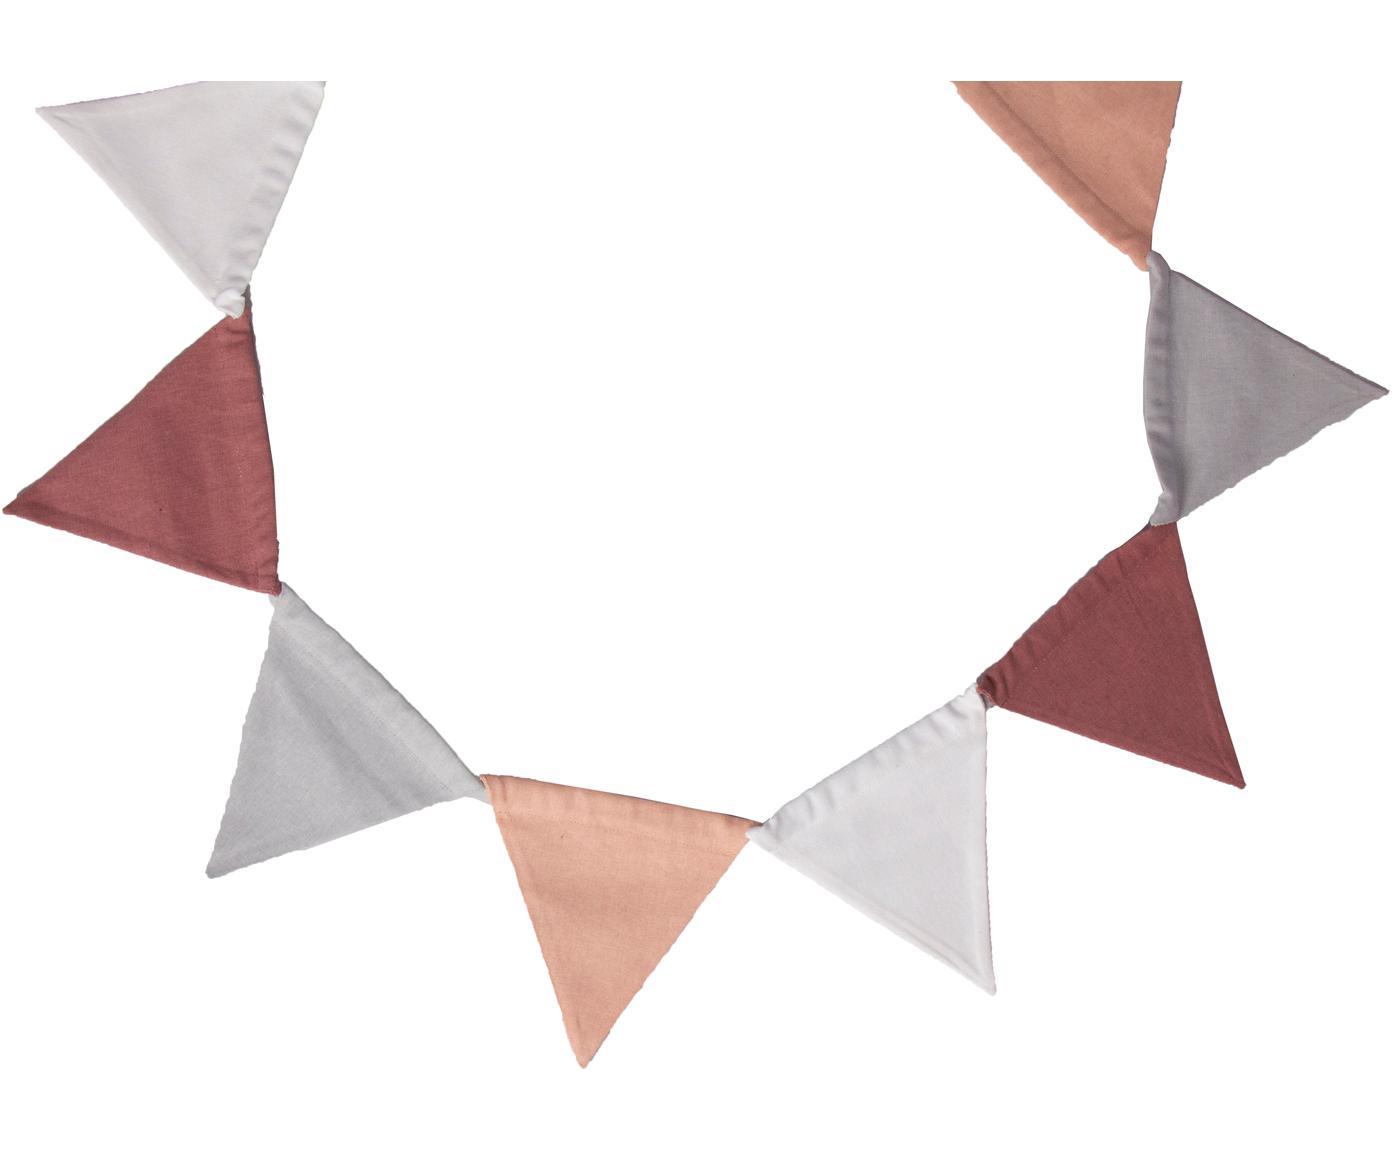 Girlande Vimply, Baumwolle, Rosa, Grau, Weiss, Dunkelrot, L 250 cm